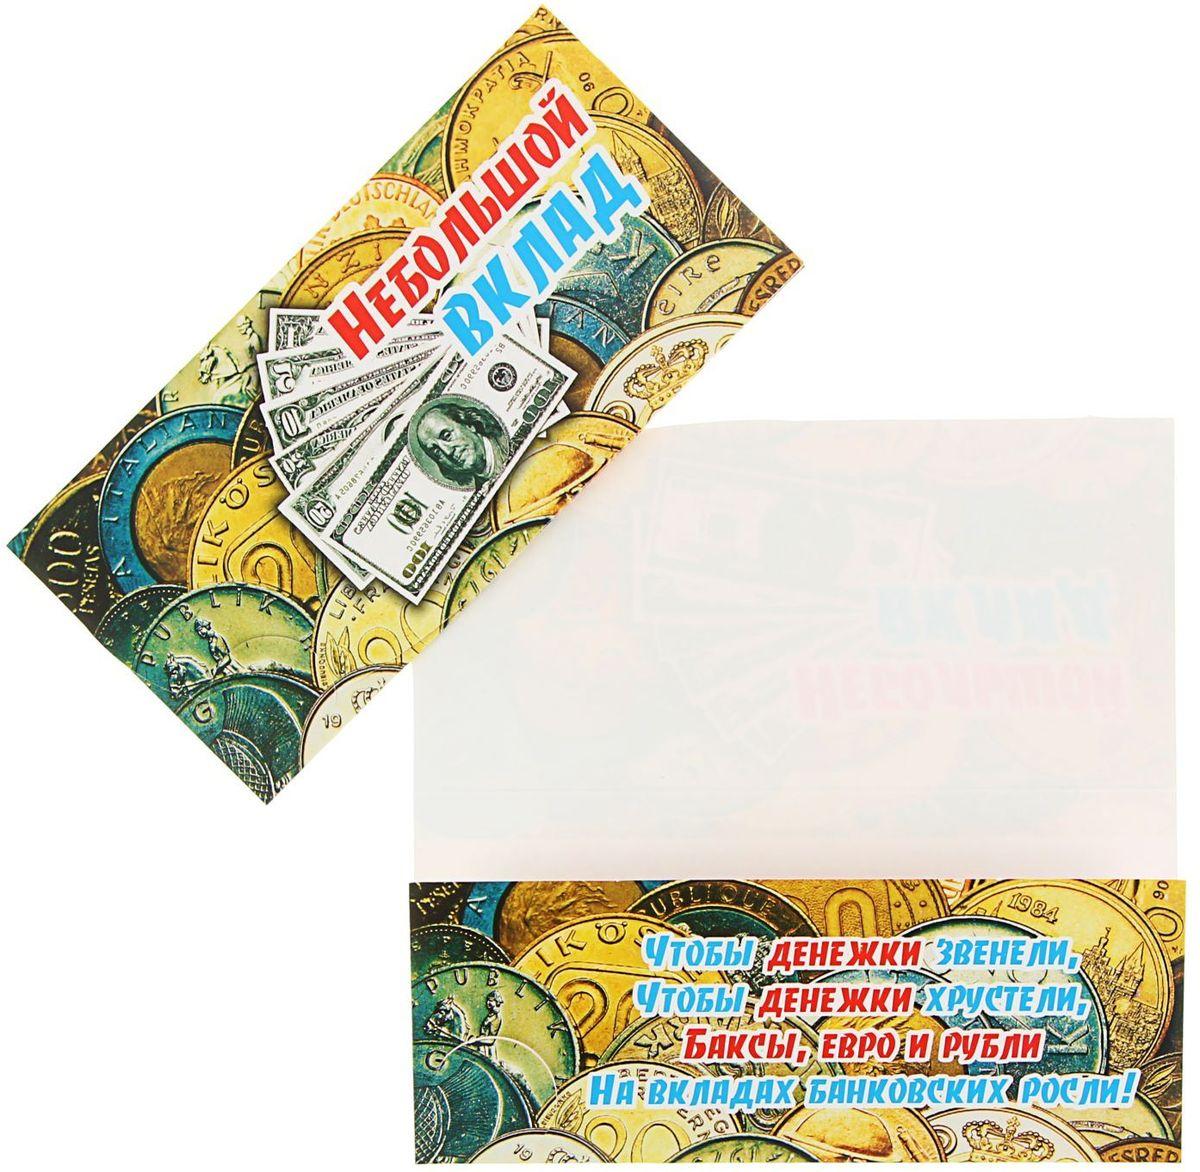 Конверт для денег Небольшой вклад. 667591 конверт для денег с днем рождения 1092050